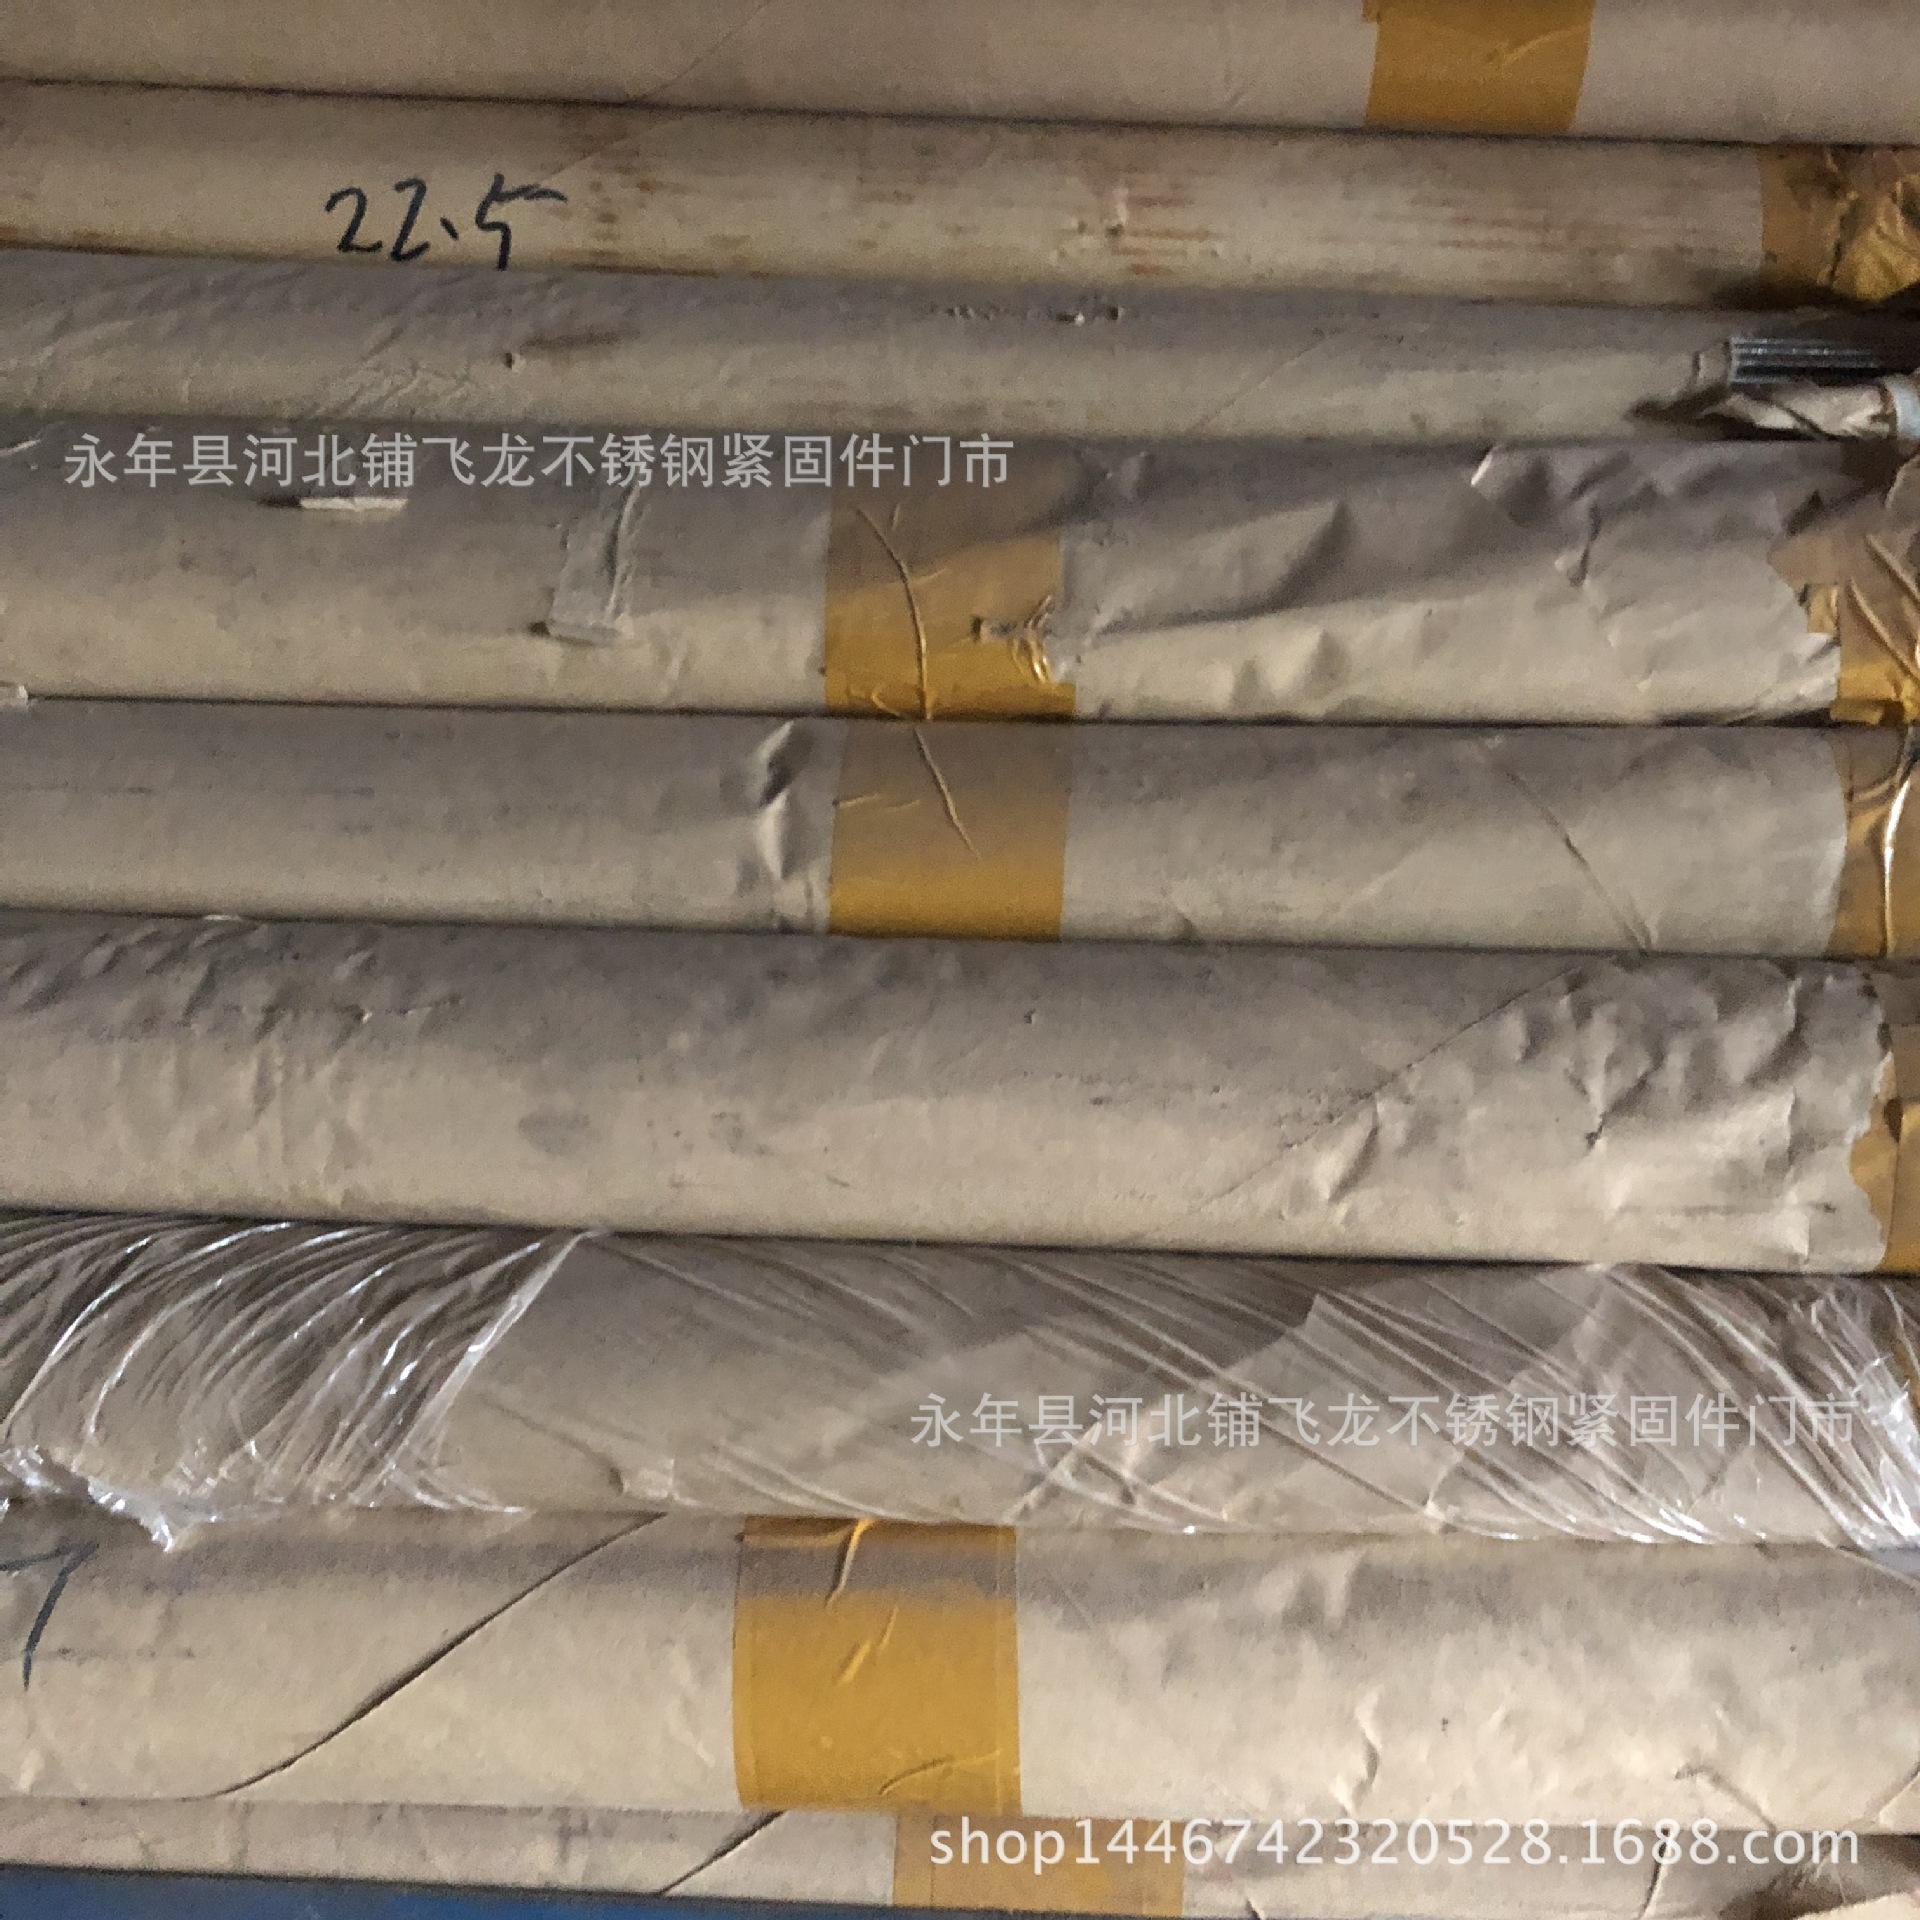 廠家直銷 不銹鋼  201  M4-M45絲桿 長期現貨供應